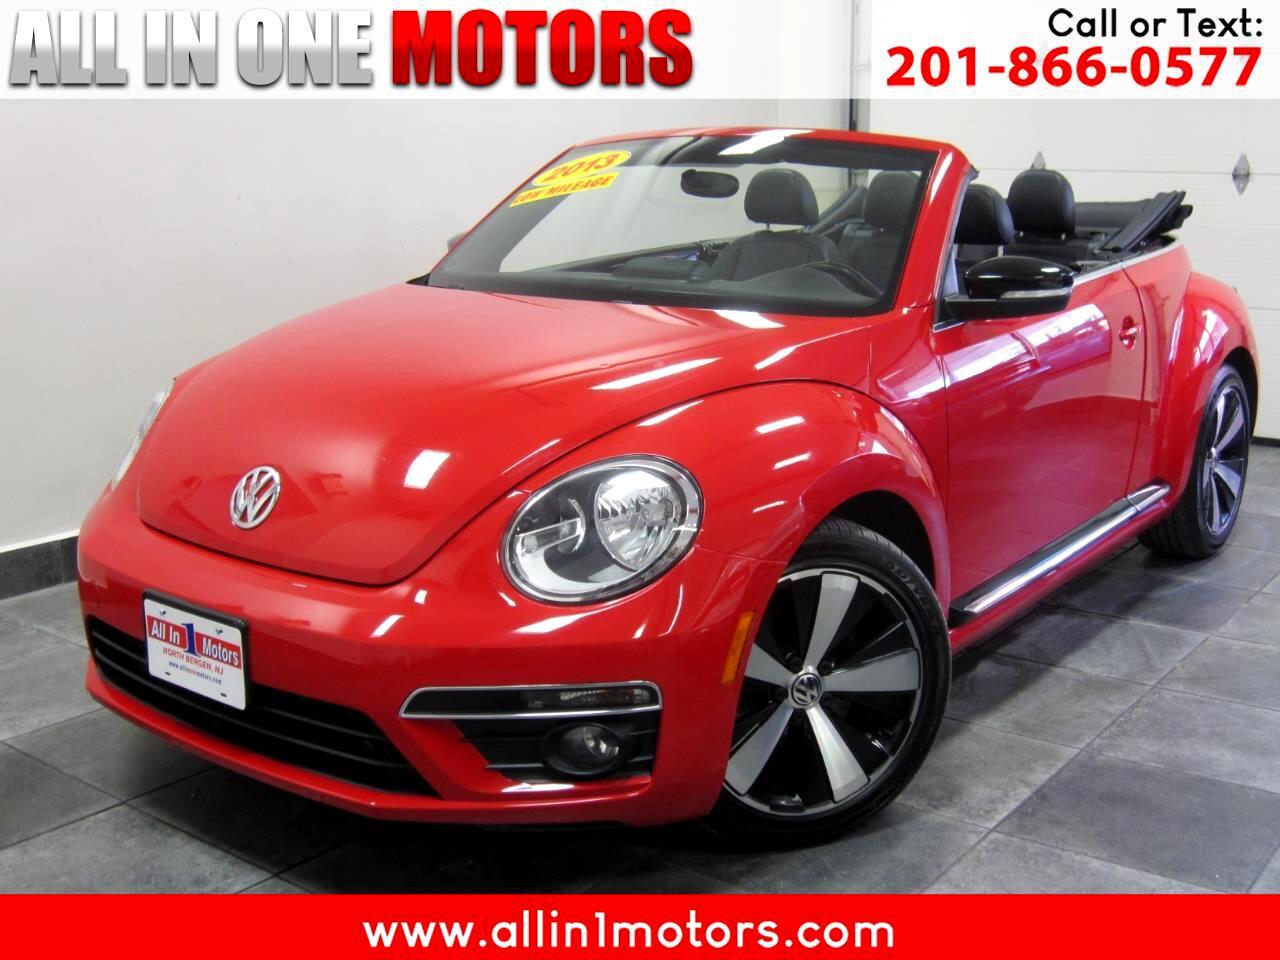 2013 Volkswagen Beetle Convertible 2dr DSG 2.0T PZEV